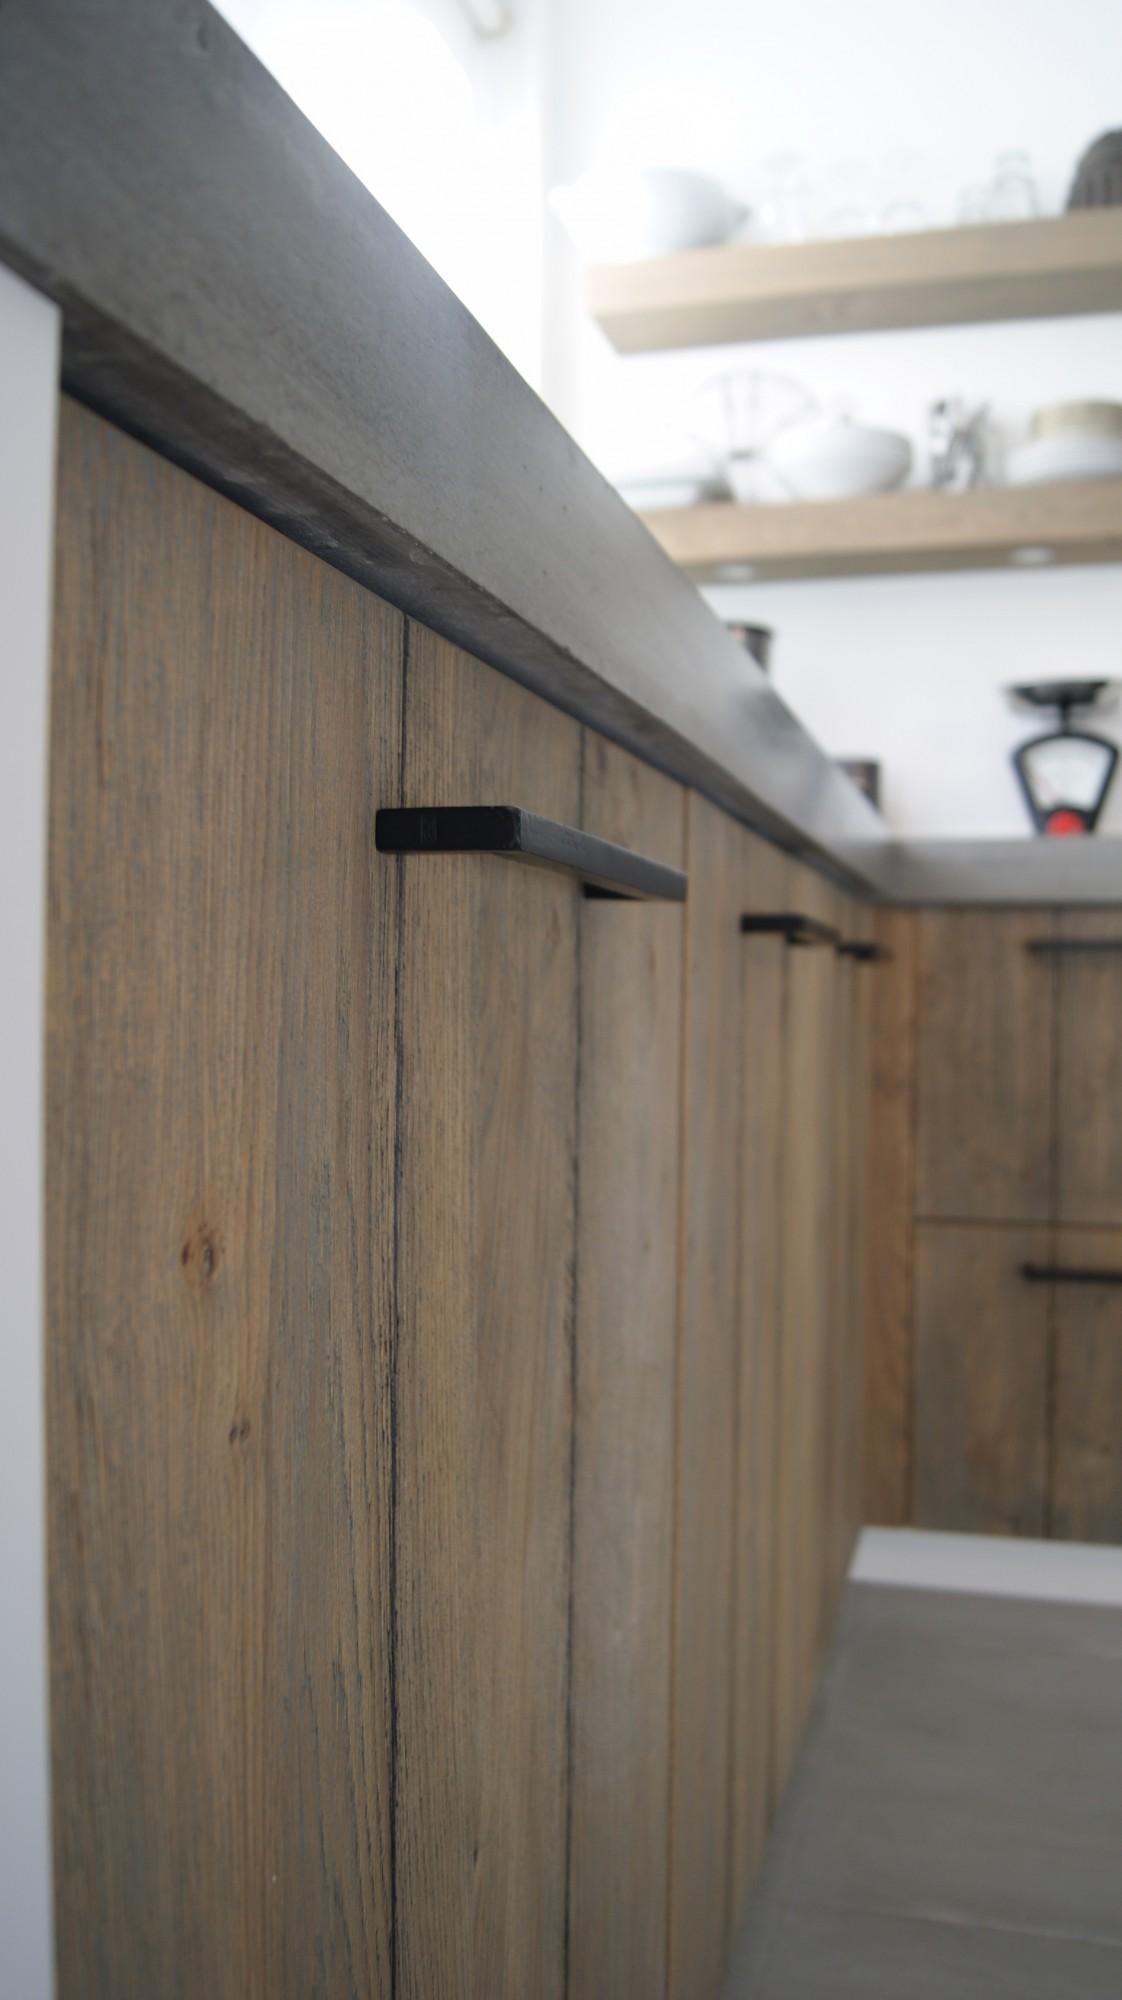 Keuken Eiken Werkblad : vloer opgeleverd Keuken eiken gestraald voorzien van betonnen werkblad